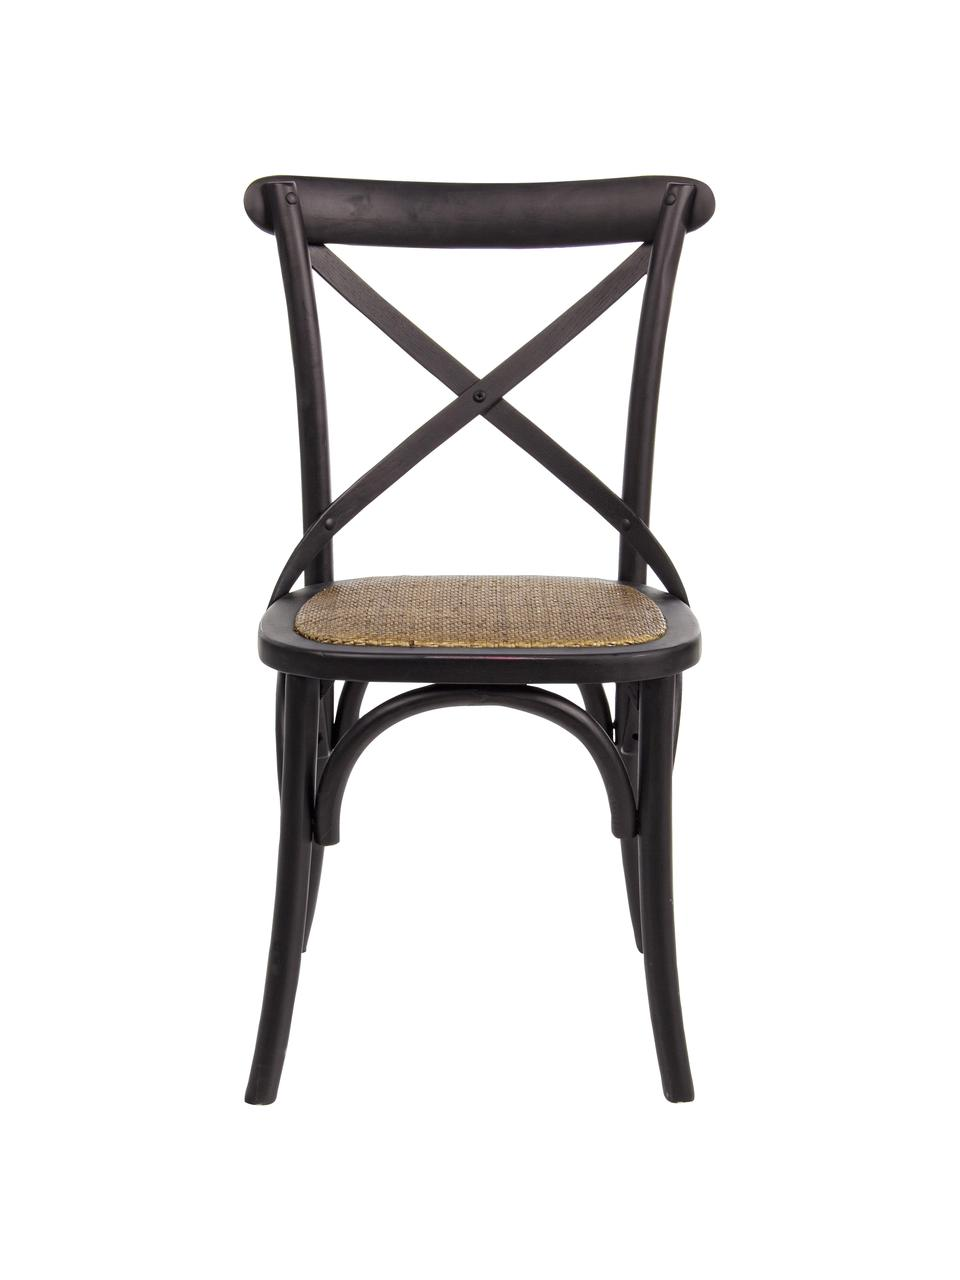 Krzesło z drewna Cross, Stelaż: drewno wiązowe, lakierowa, Czarny, S 42 x G 46 cm